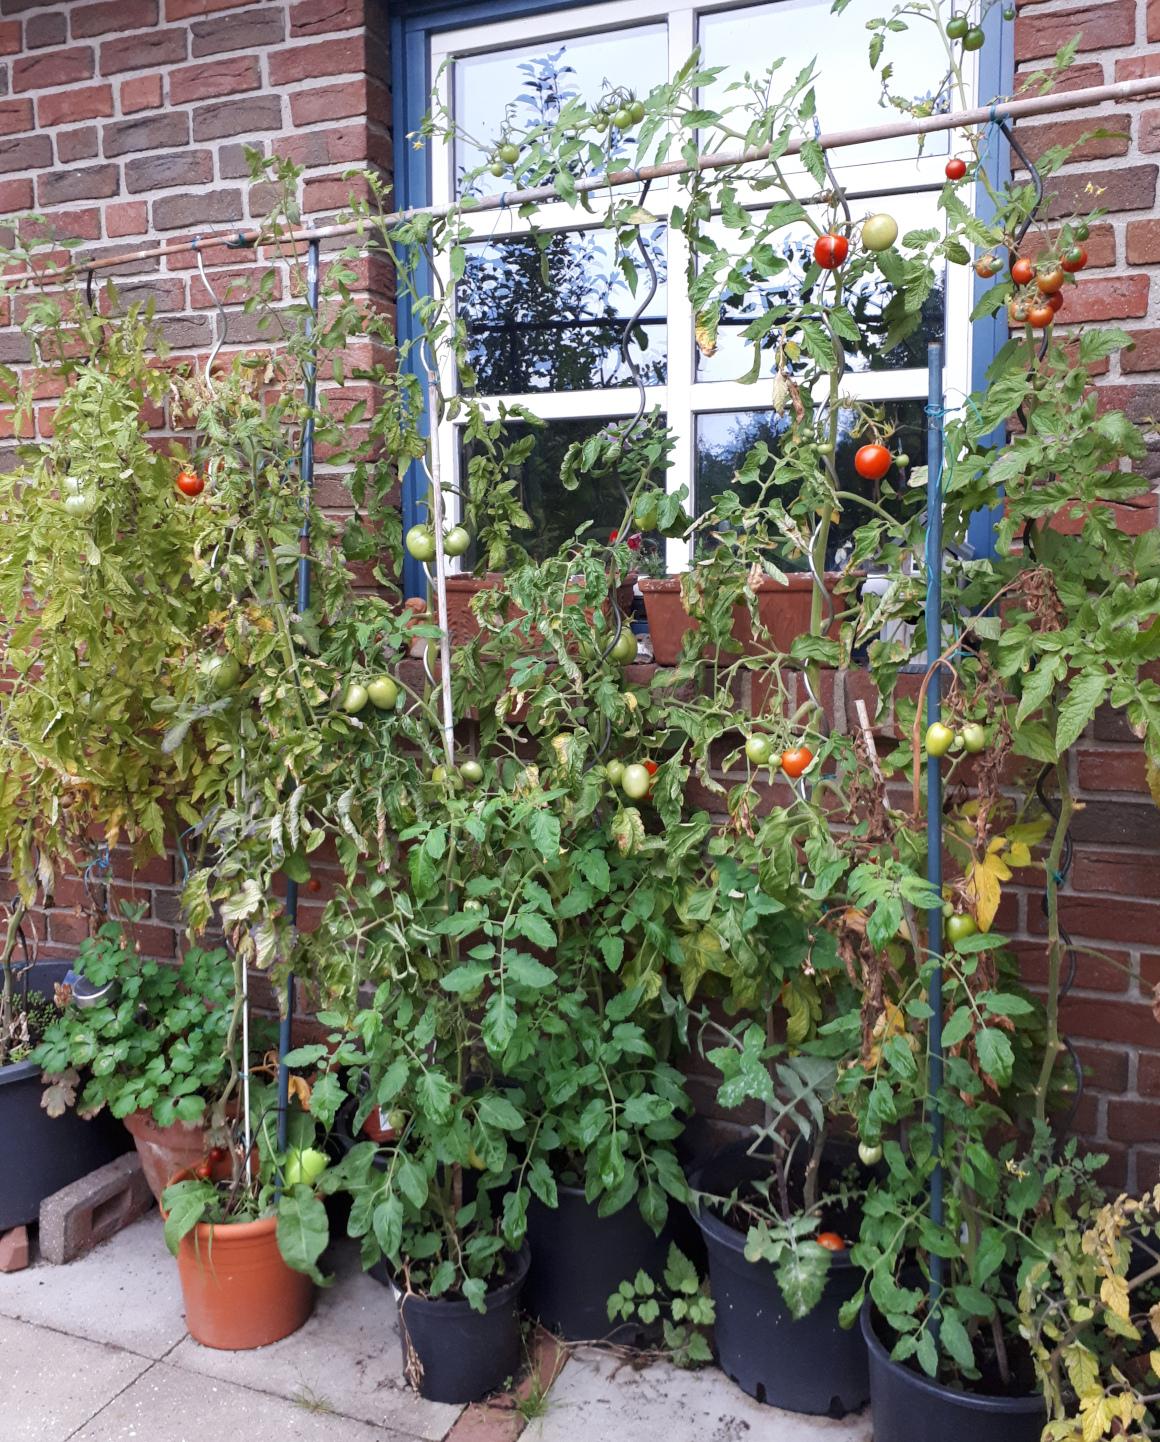 tomaten selber ziehen 5 tipps f r eine erfolgreiche ernte nordischgruen nordischgruen. Black Bedroom Furniture Sets. Home Design Ideas